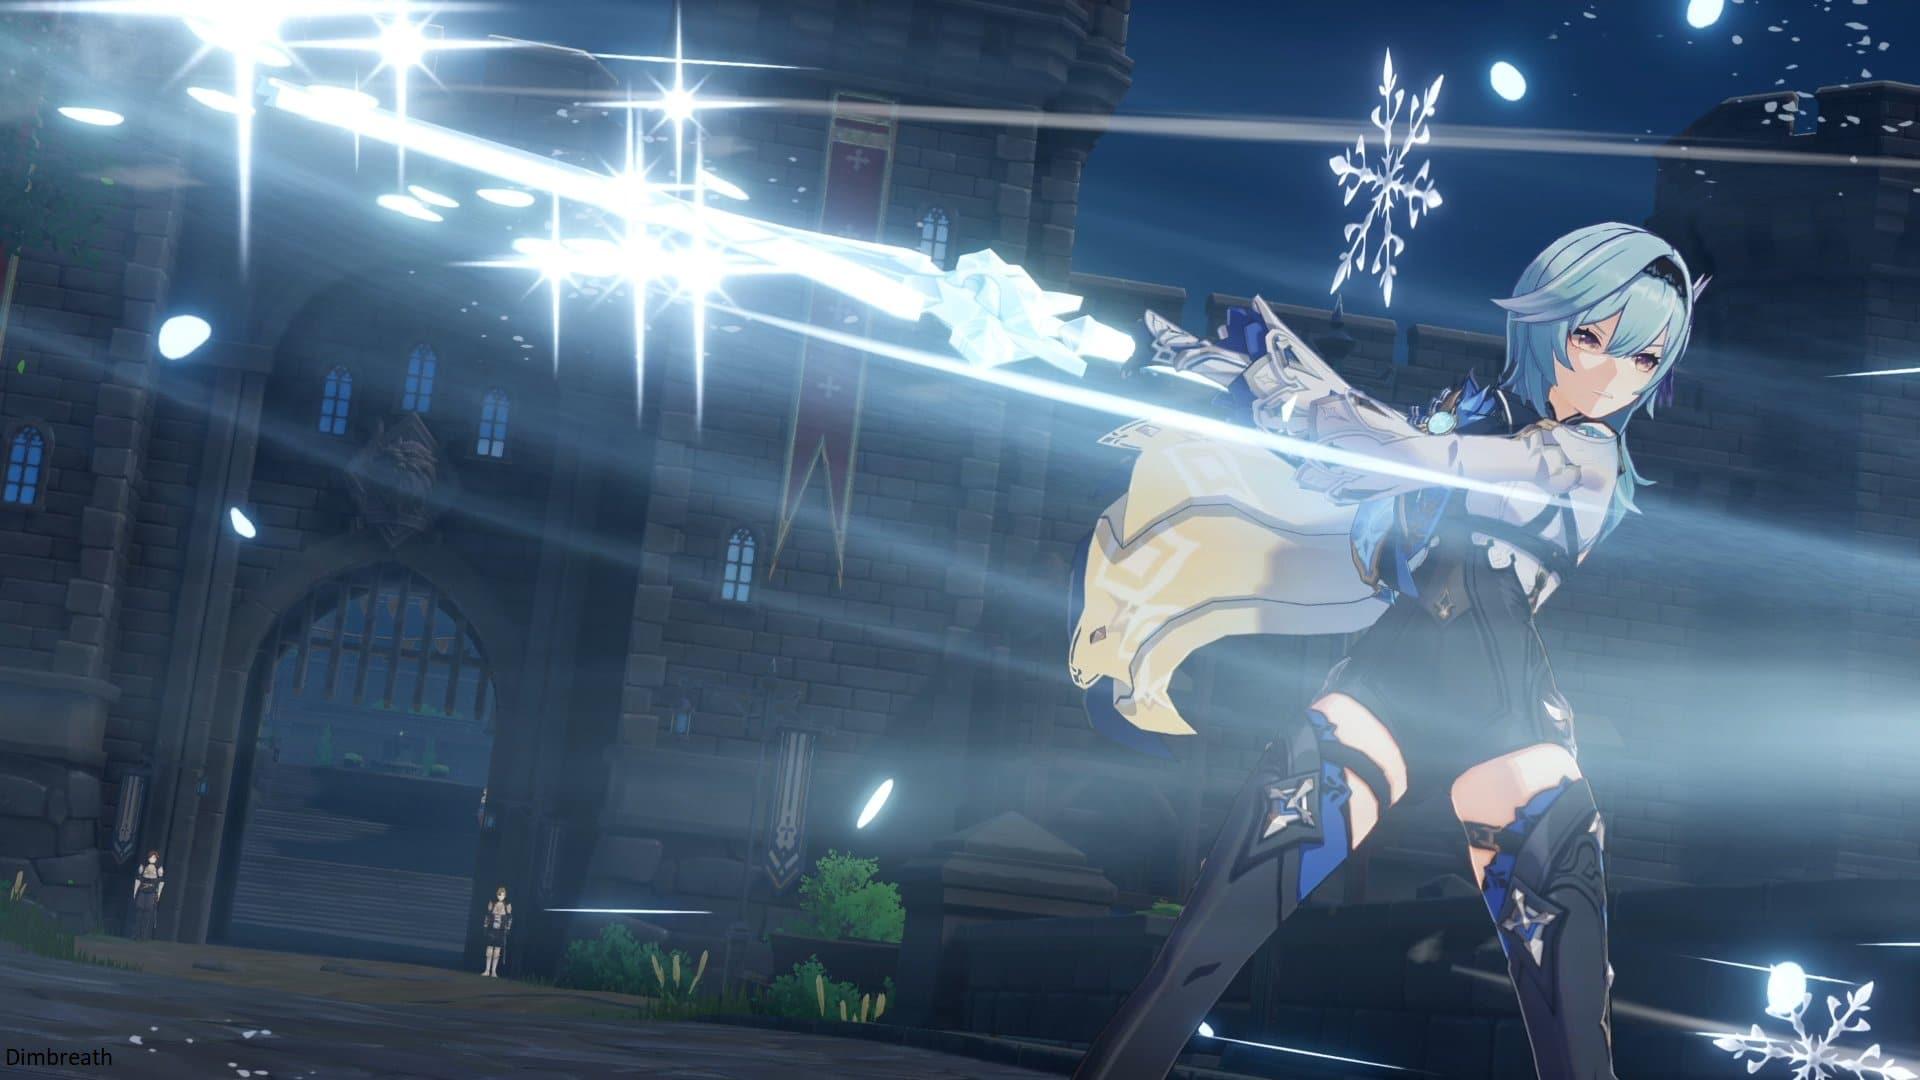 Imagen filtrada de Eula - GamersRD